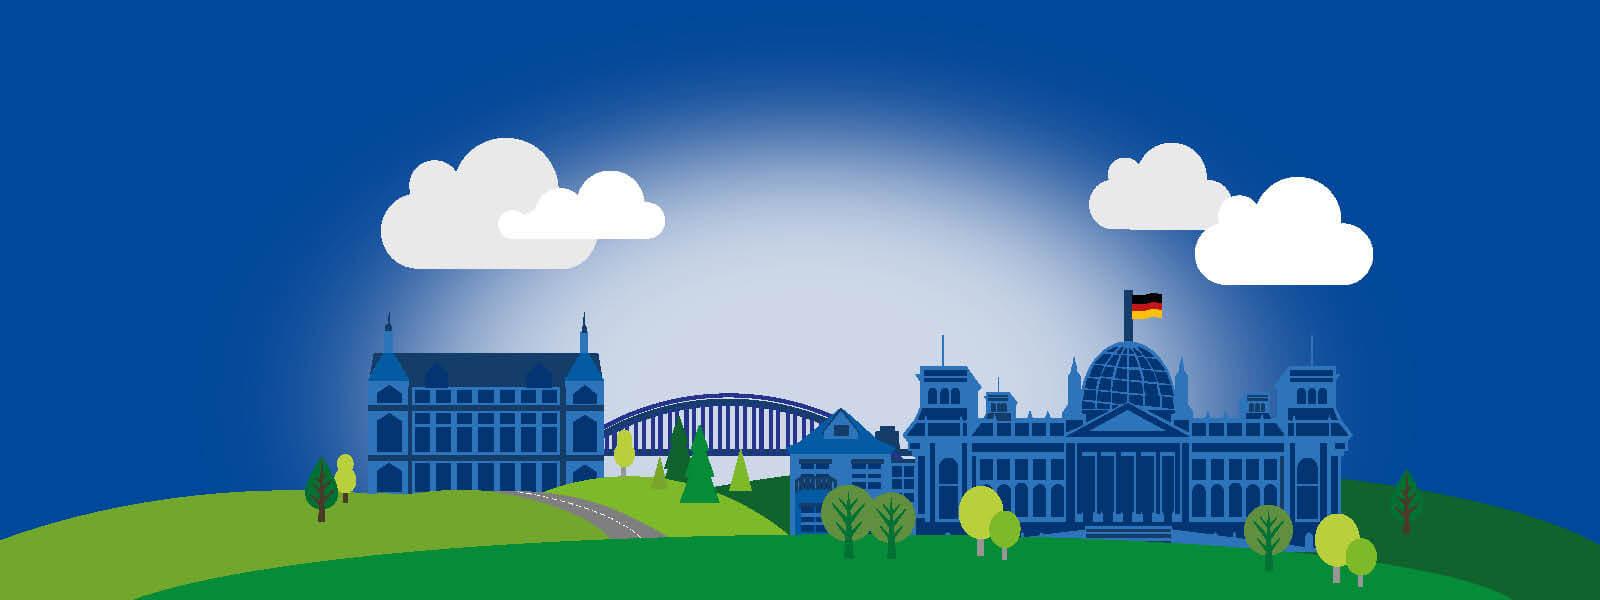 Illustration des deutschen Bundestags. Microsoft Azure, Office 365 und Dynamics 365